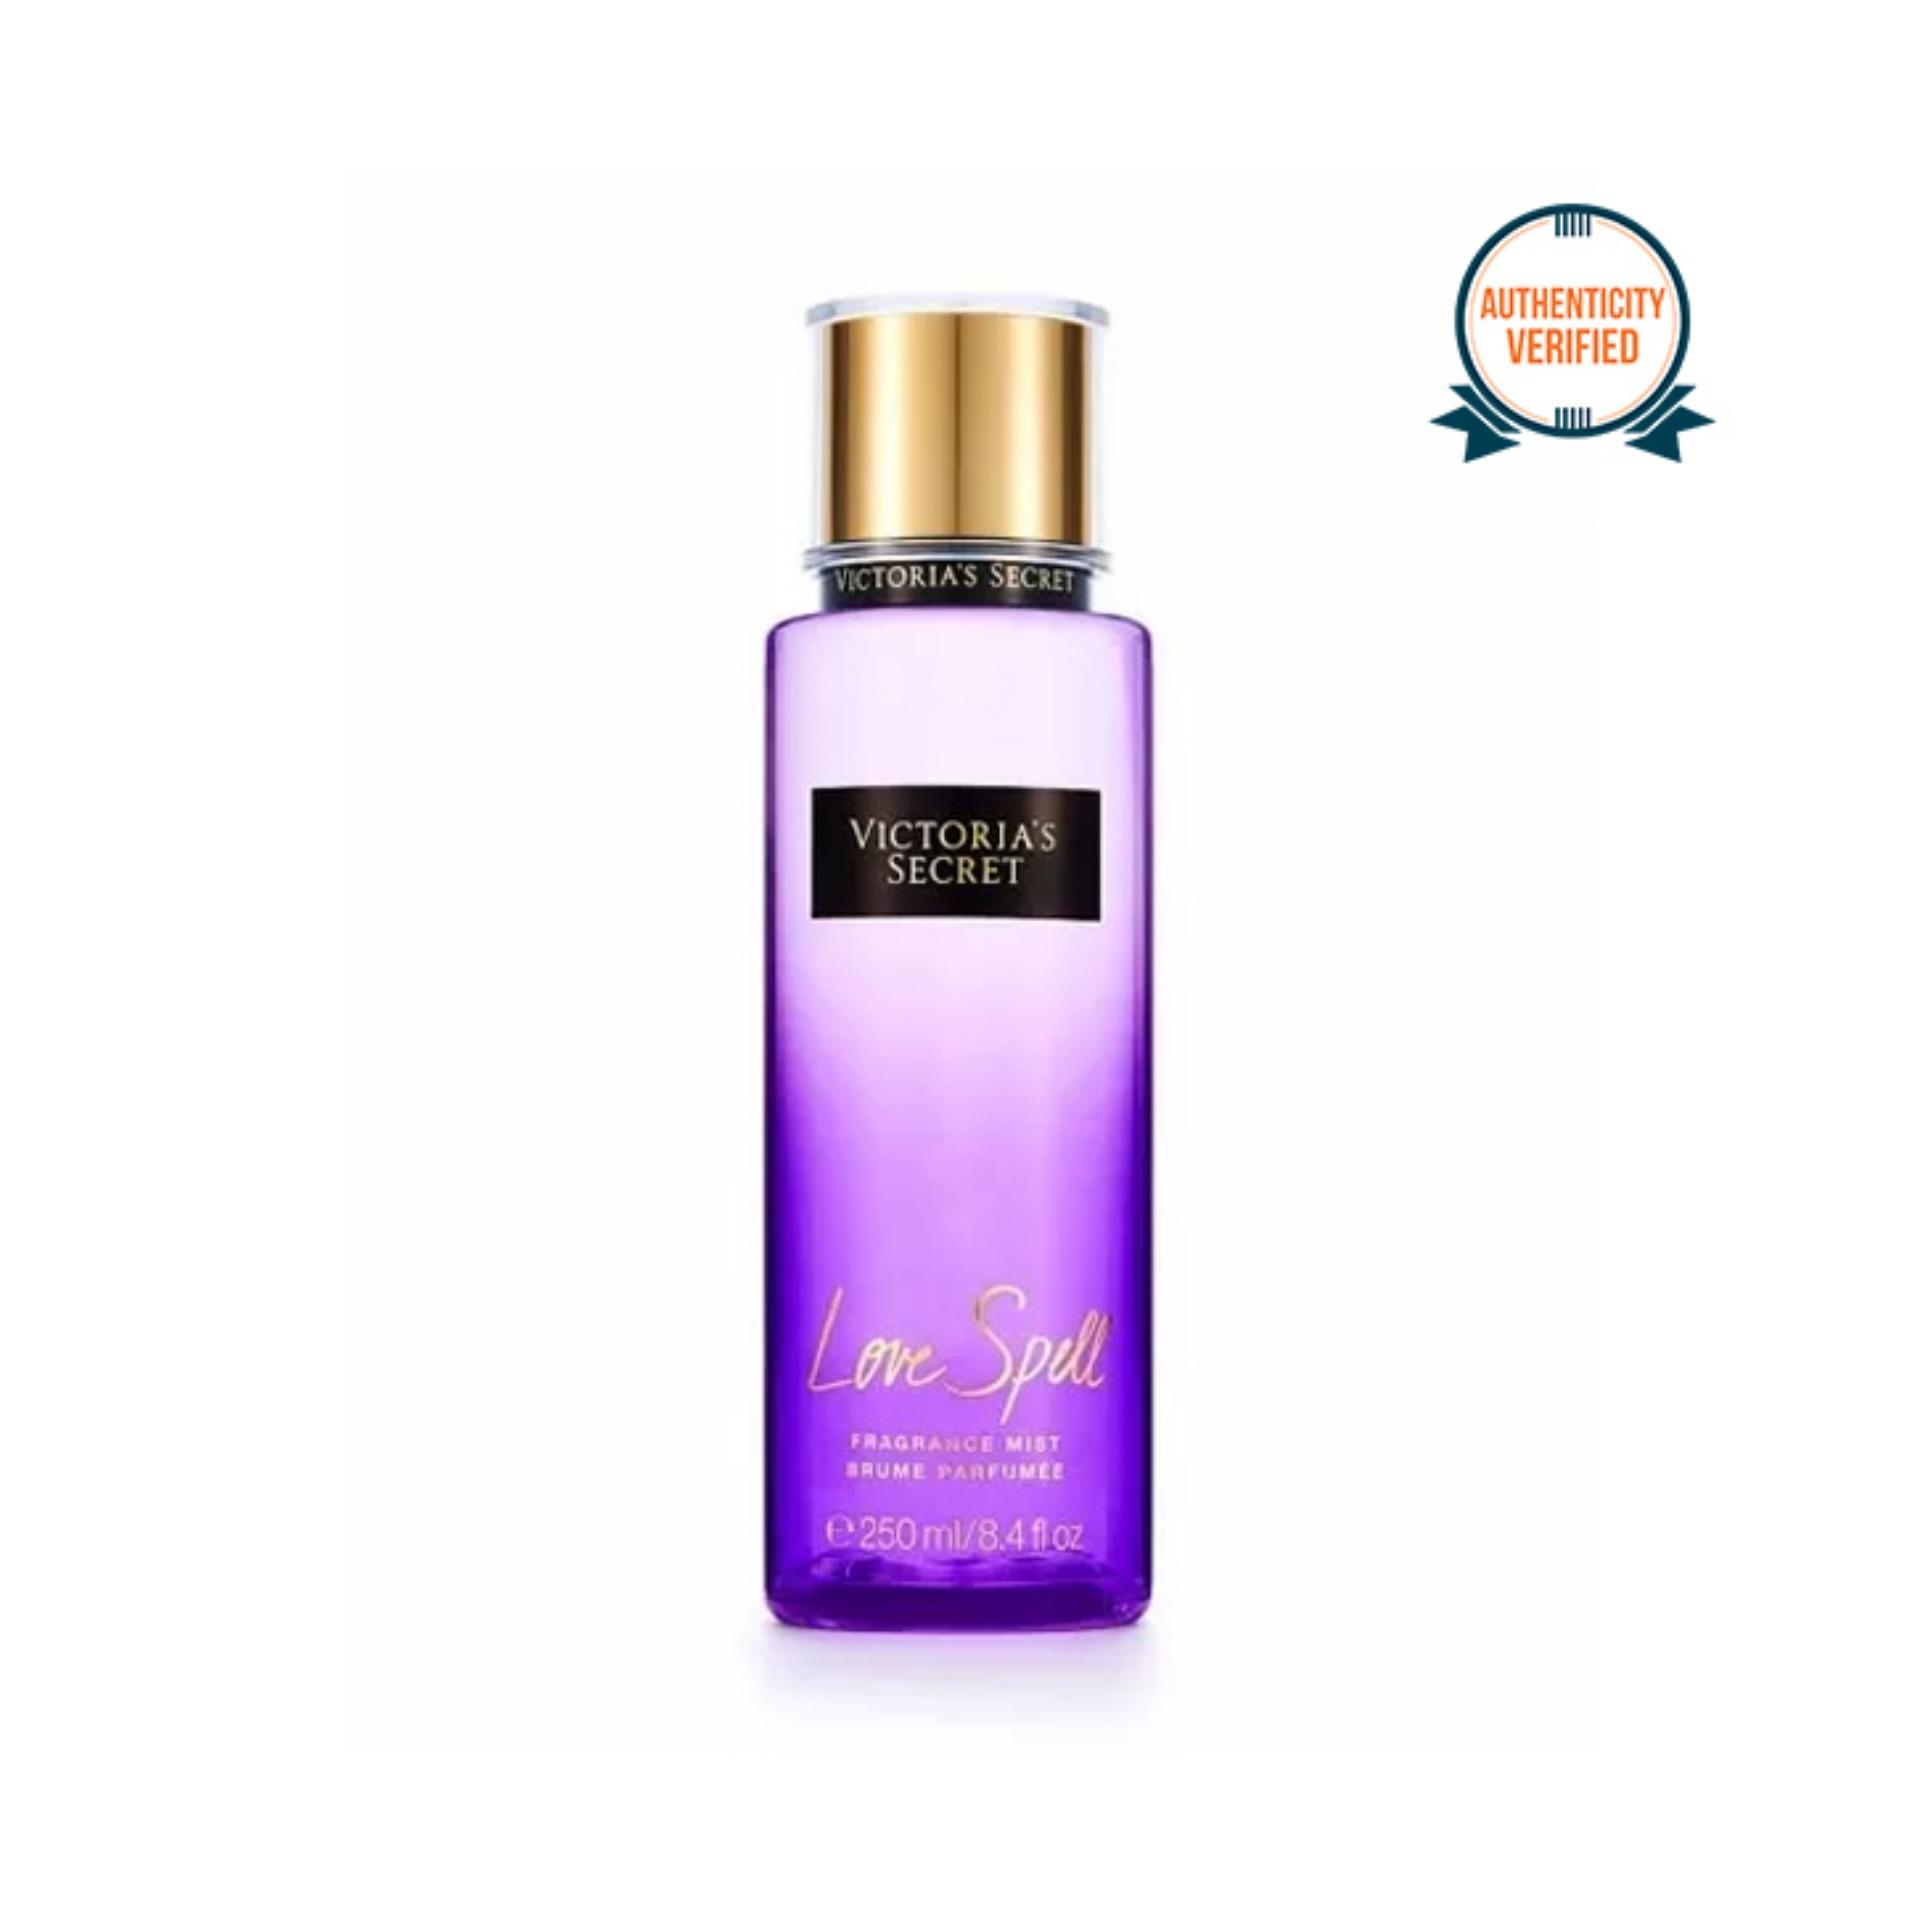 8569f6f74f575 Victoria's Secret Love Spell fragrance Mist 250ml